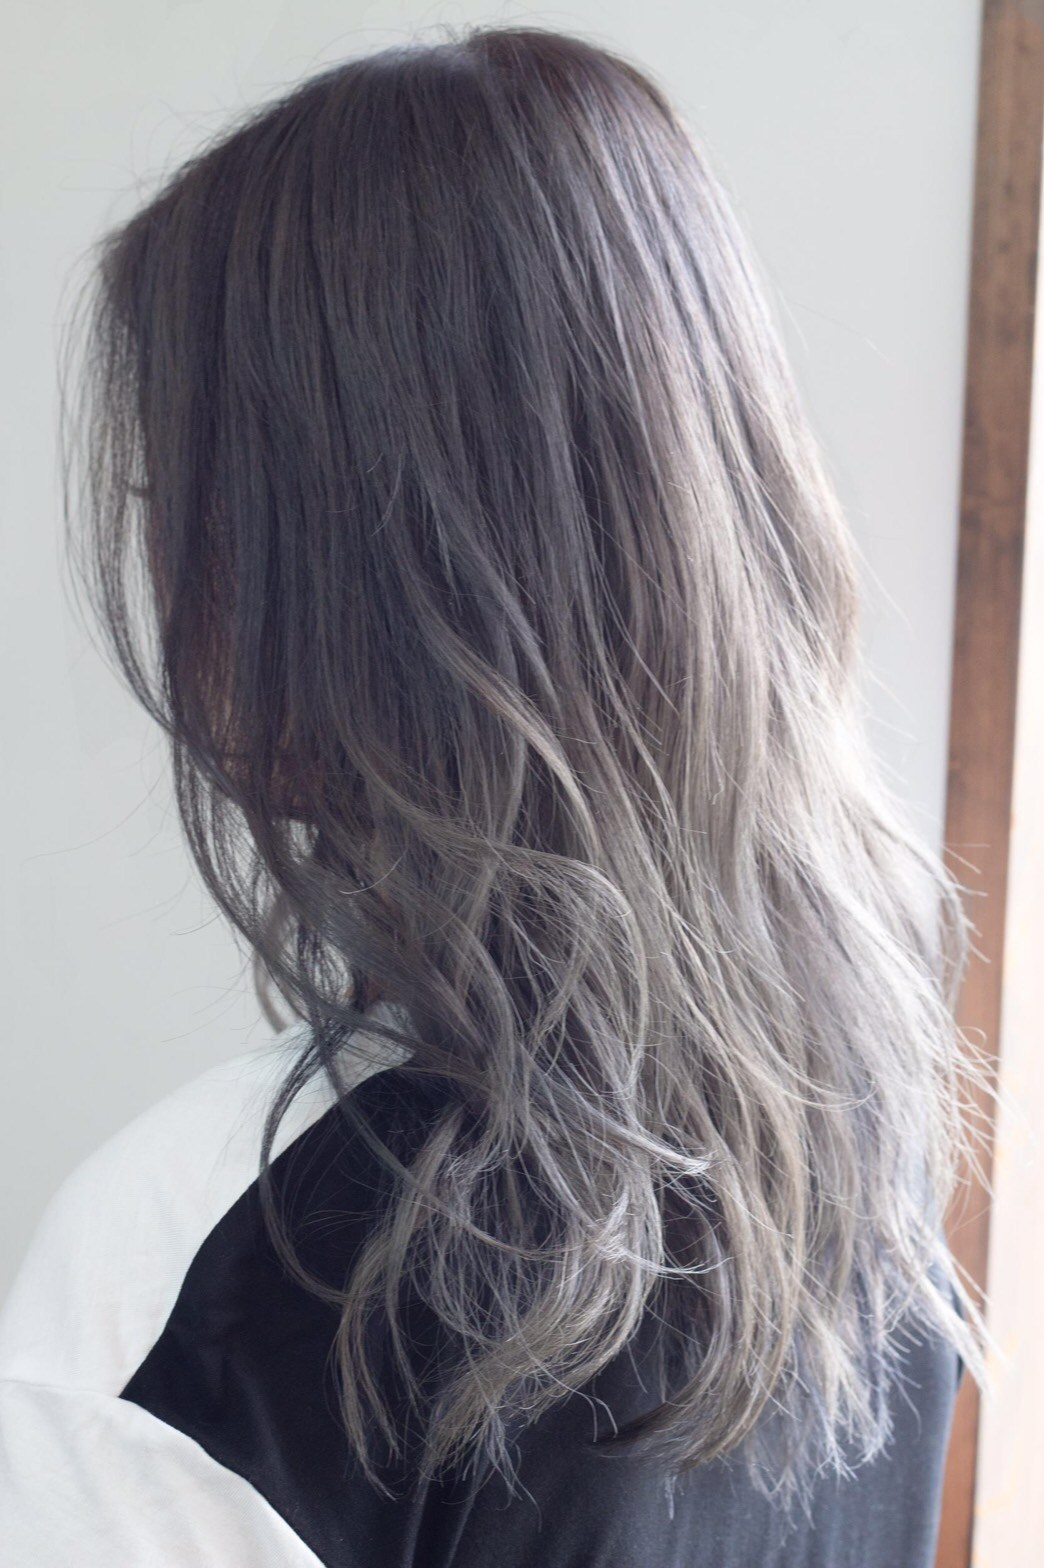 髪の毛をグレー、ホワイト、シルバーにするには、、、